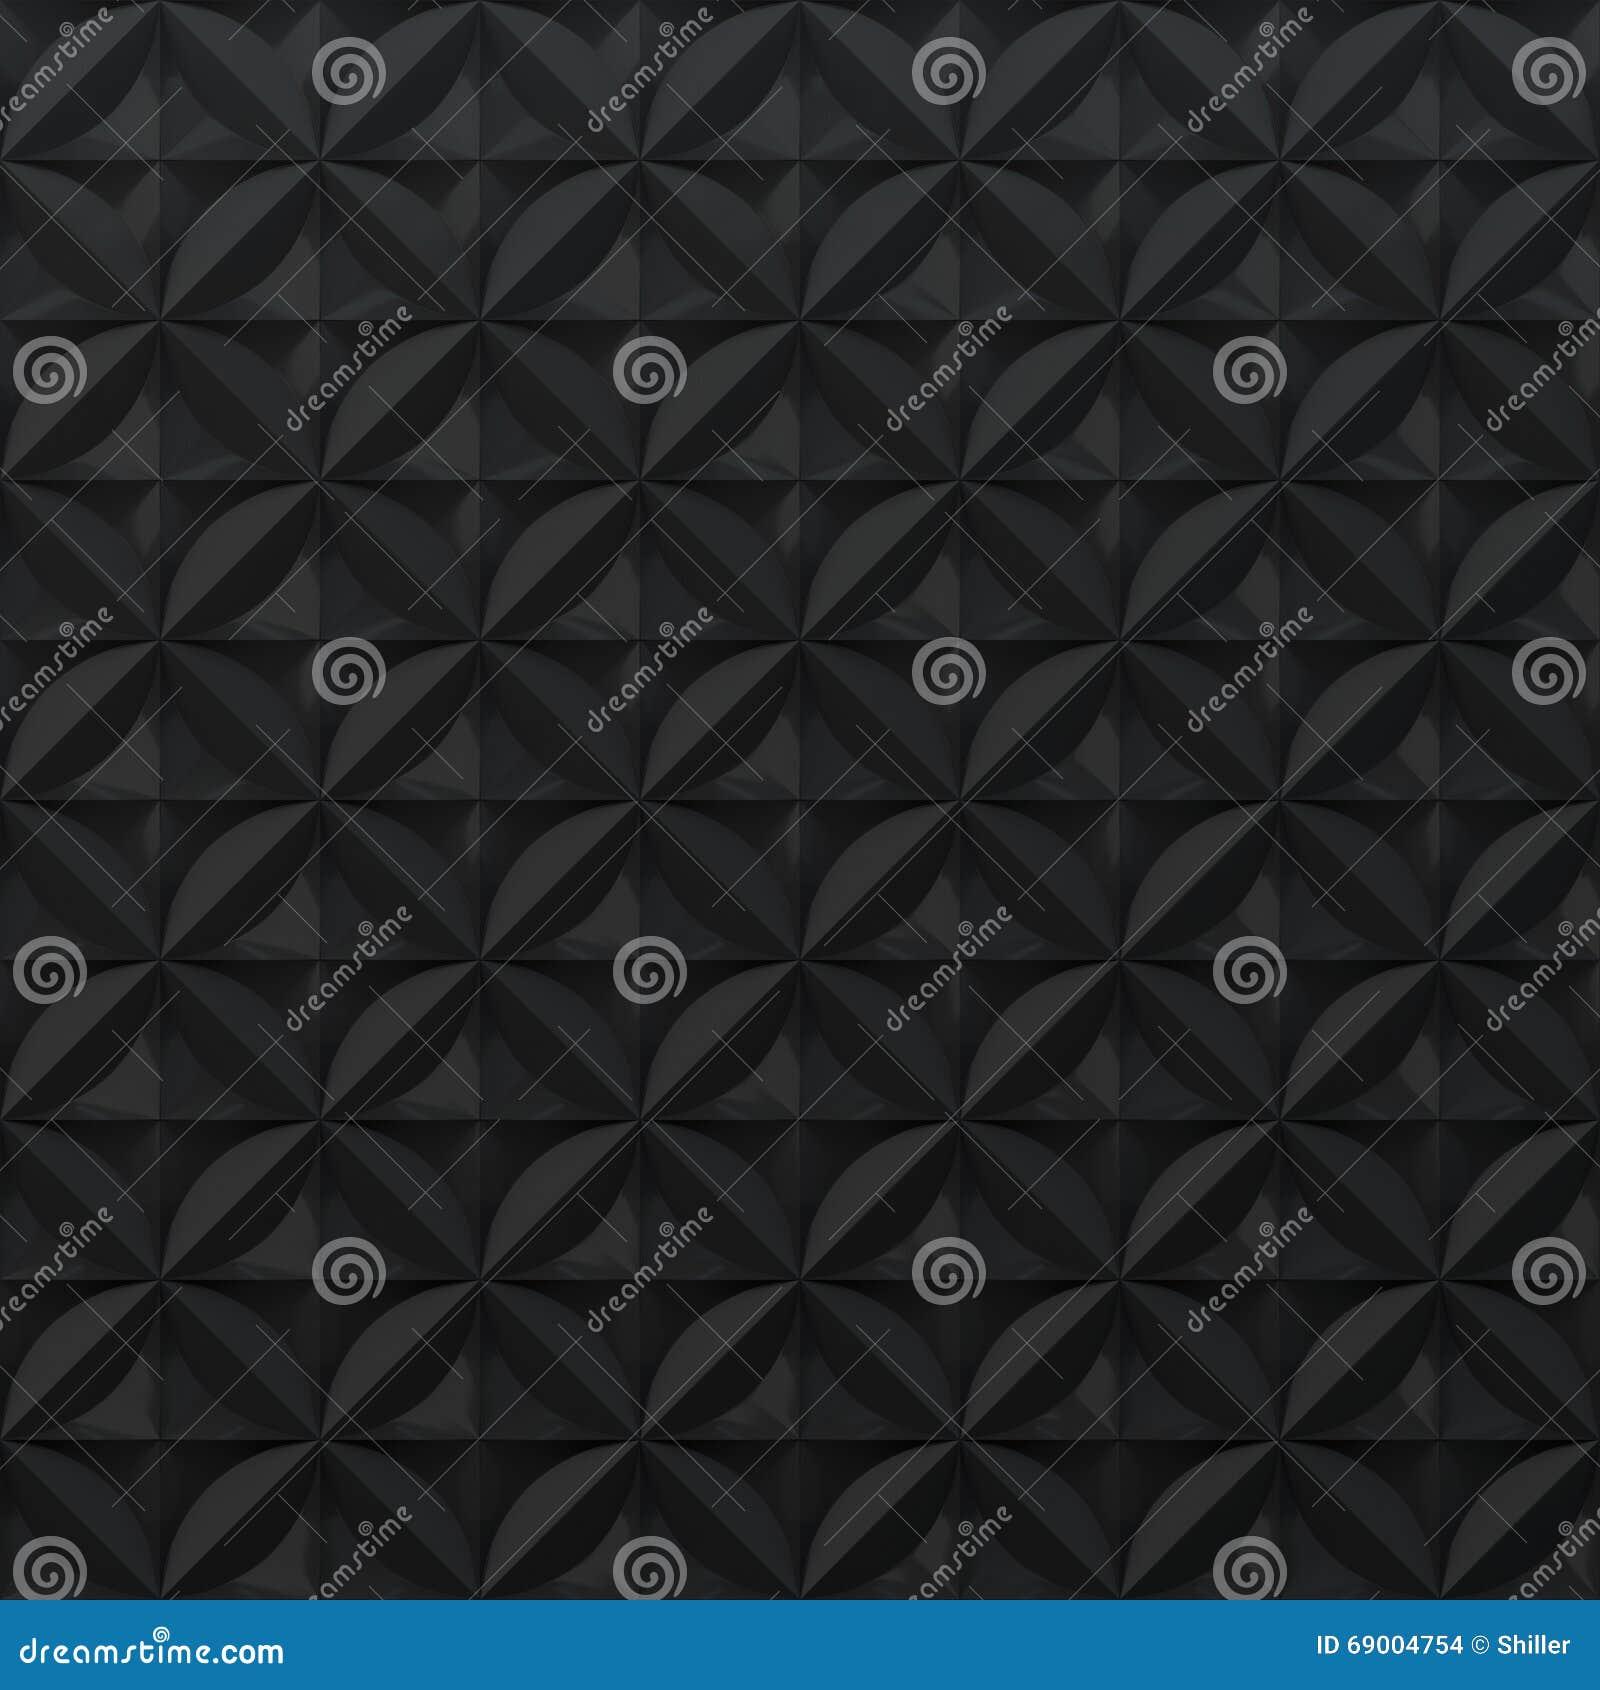 Fond abstrait noir - modèle en relief géométrique